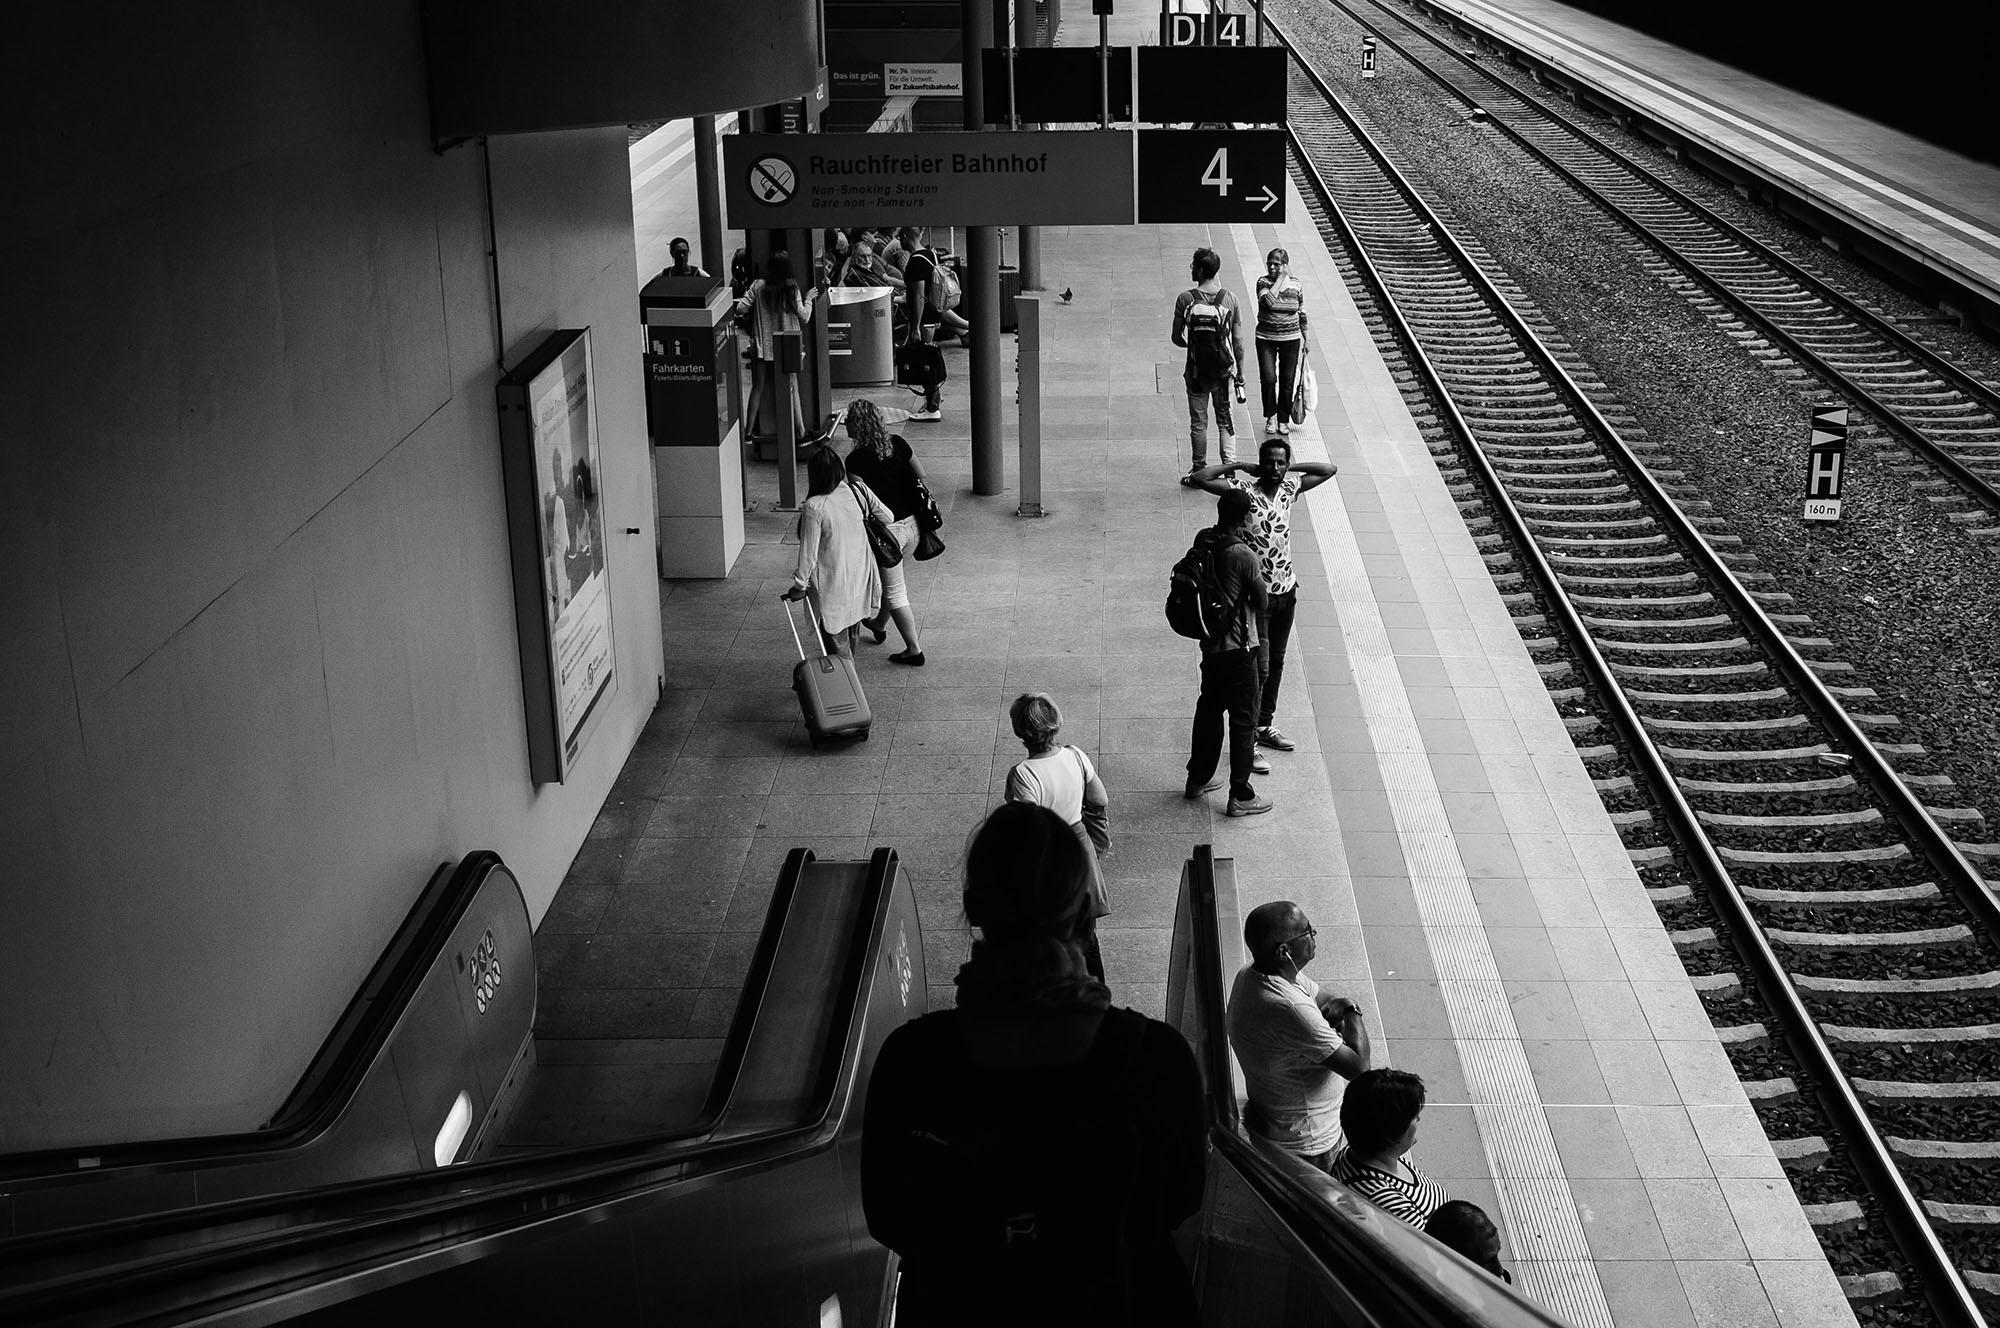 berlin suedkreuz train station